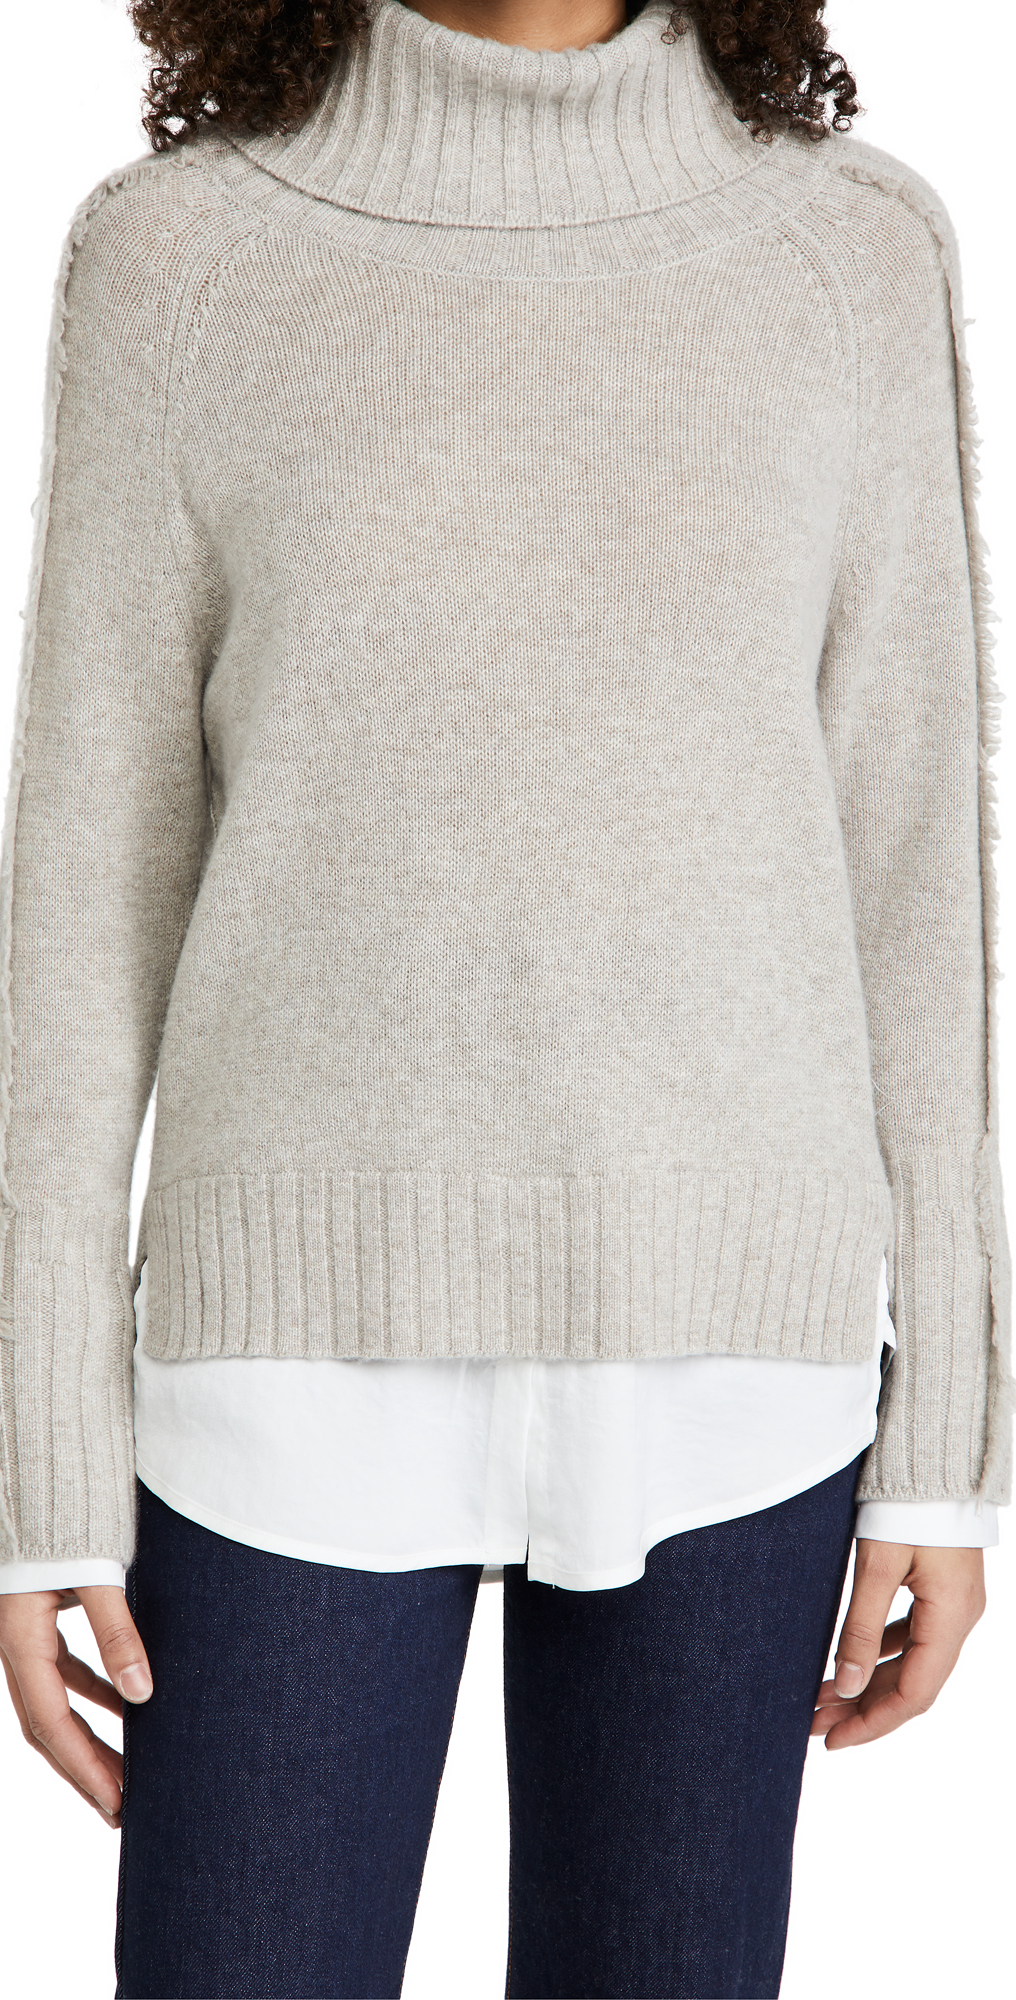 Brochu Walker Jolie Fringe Layered Looker Sweater